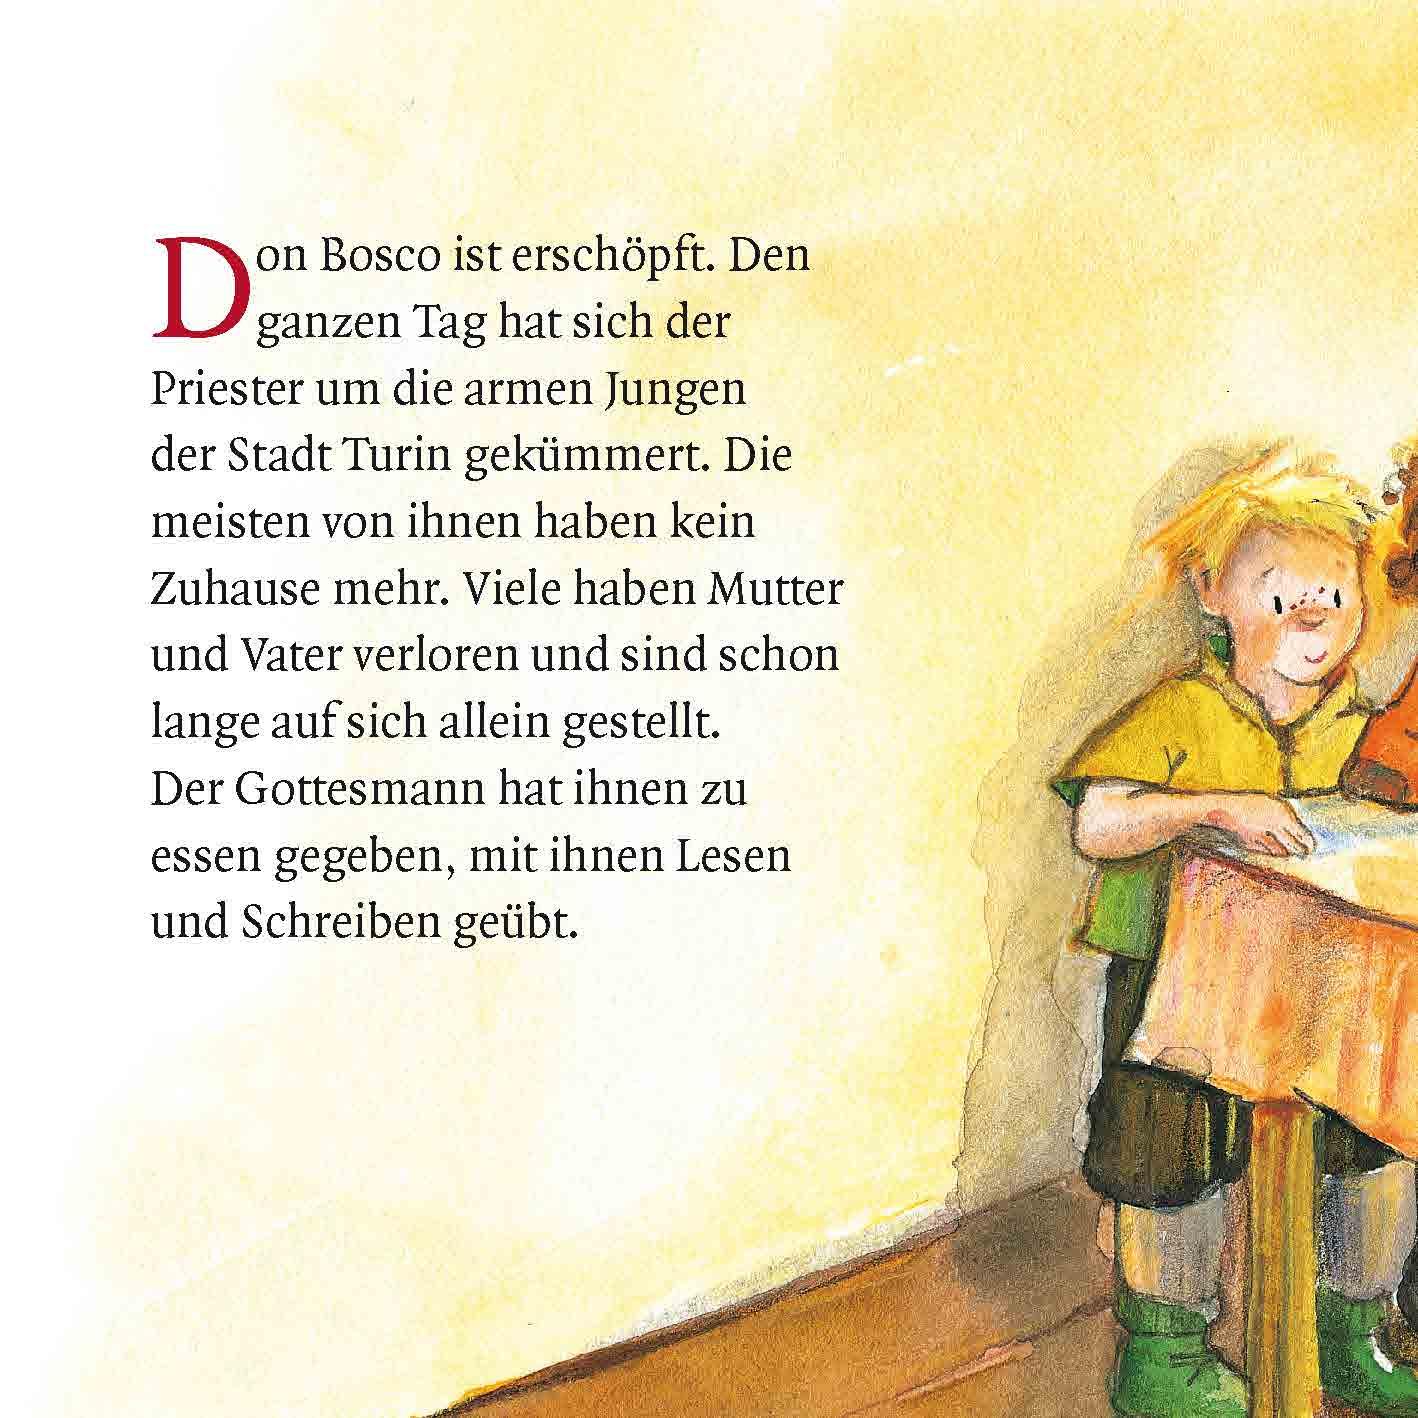 Innenansicht zu Don Bosco und die Spatzen. Mini-Bilderbuch.